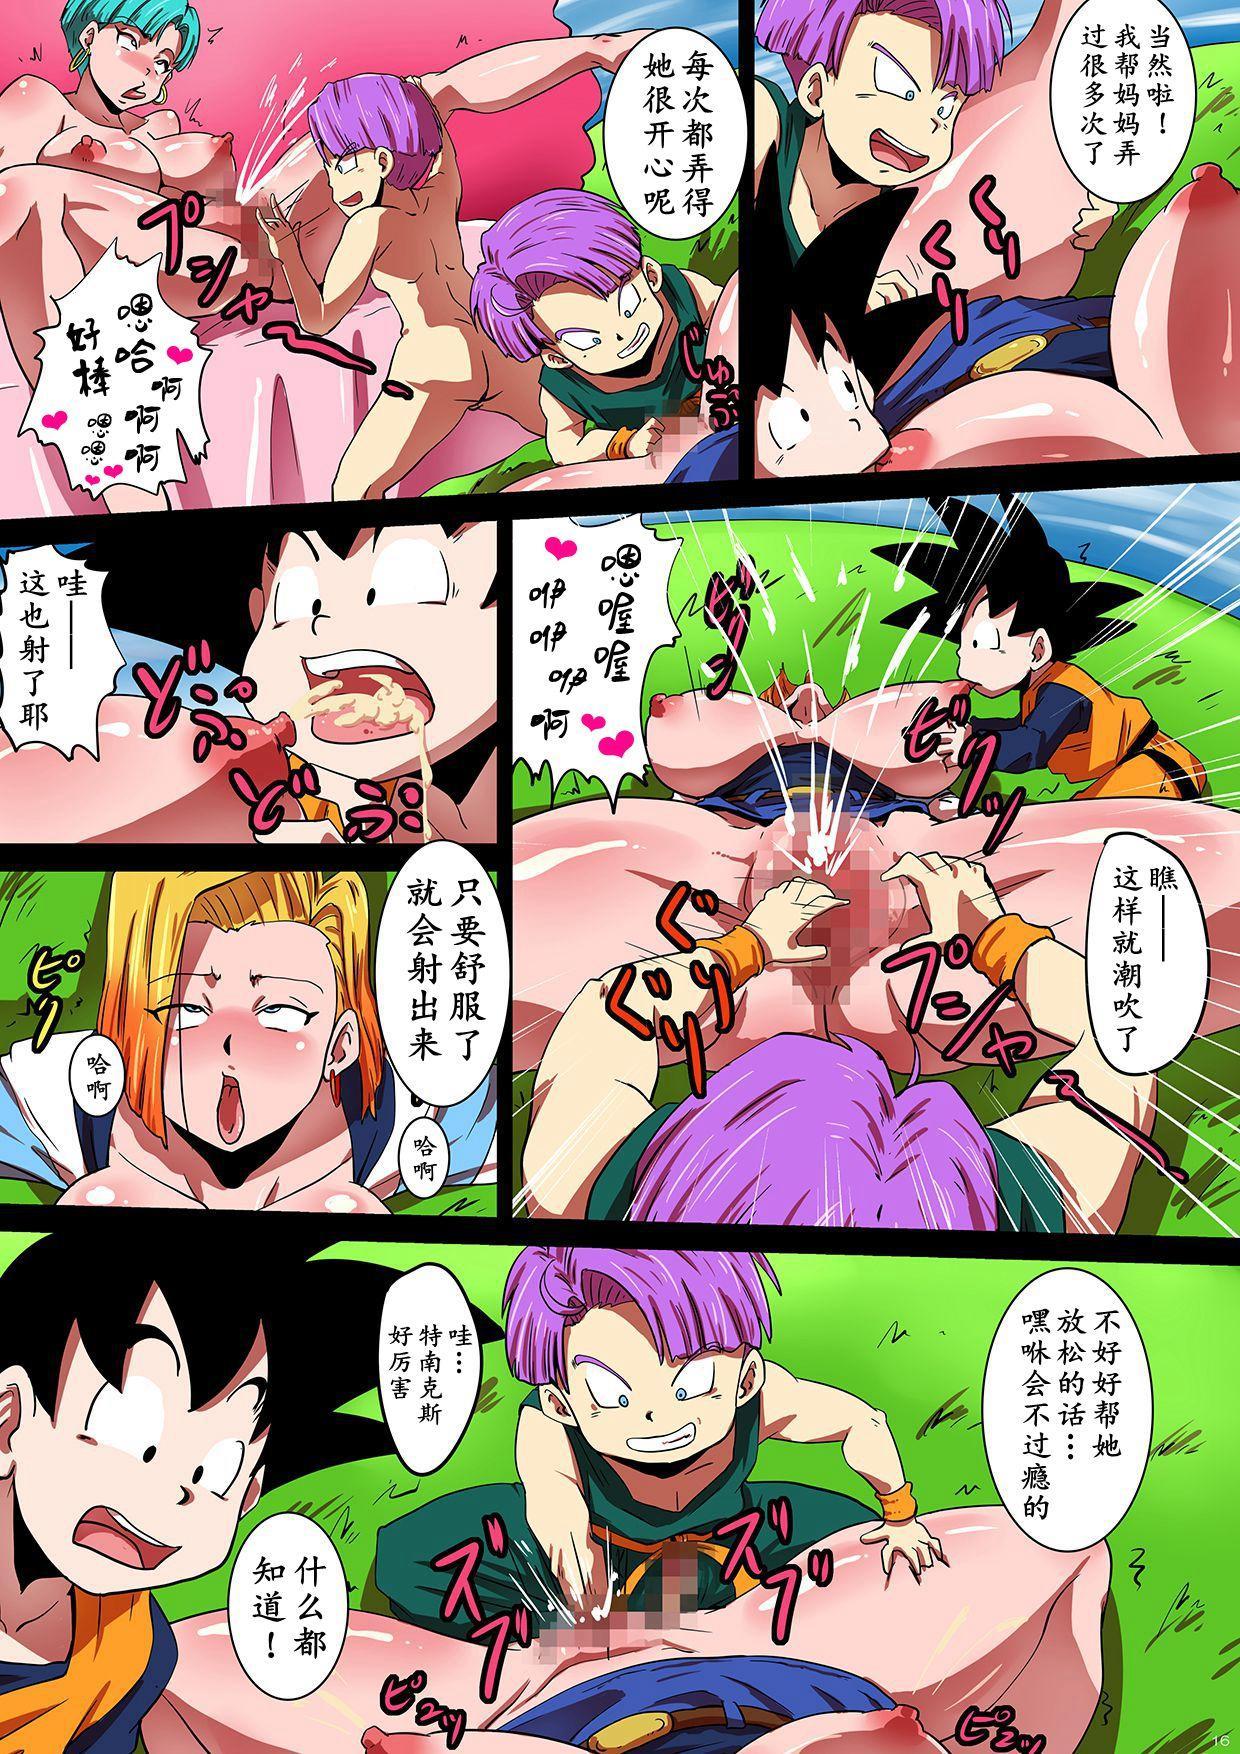 [Yuzuponz (Rikka Kai) SHOTACON HOLE Shinkon Hitozuma 18-gou no Tsukinai Seiyoku (Dragon Ball Z) [Chinese] [D狗汉化] [Digital] 15